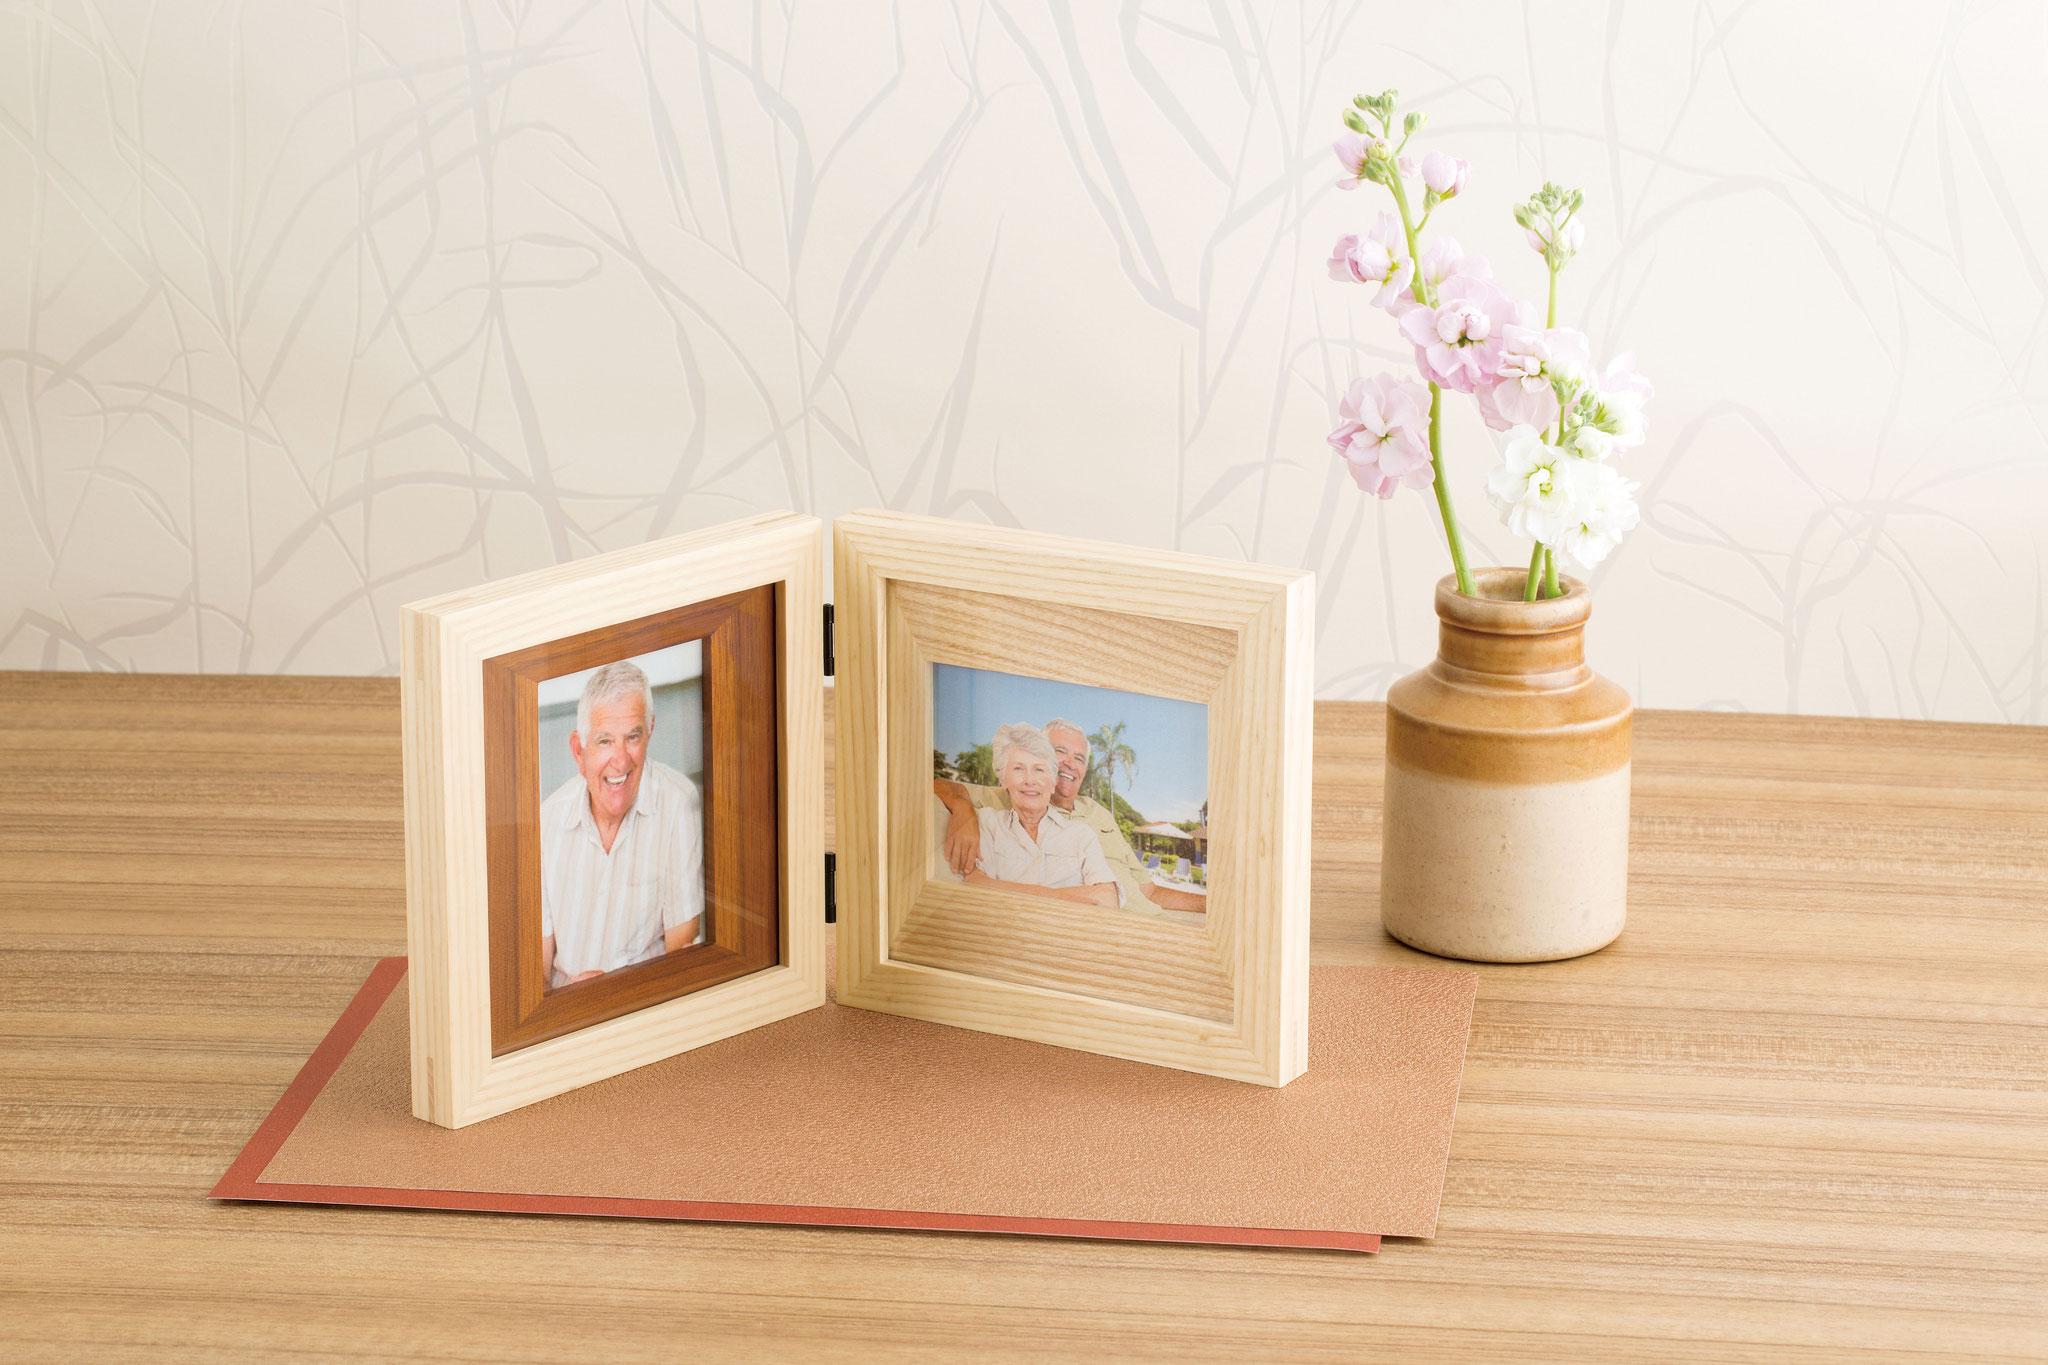 【メモリアル フォトスタンド ウッド Wフレーム】2枚の写真を飾ったり想いを込めたメッセージも入れられるダブルフレームタイプ